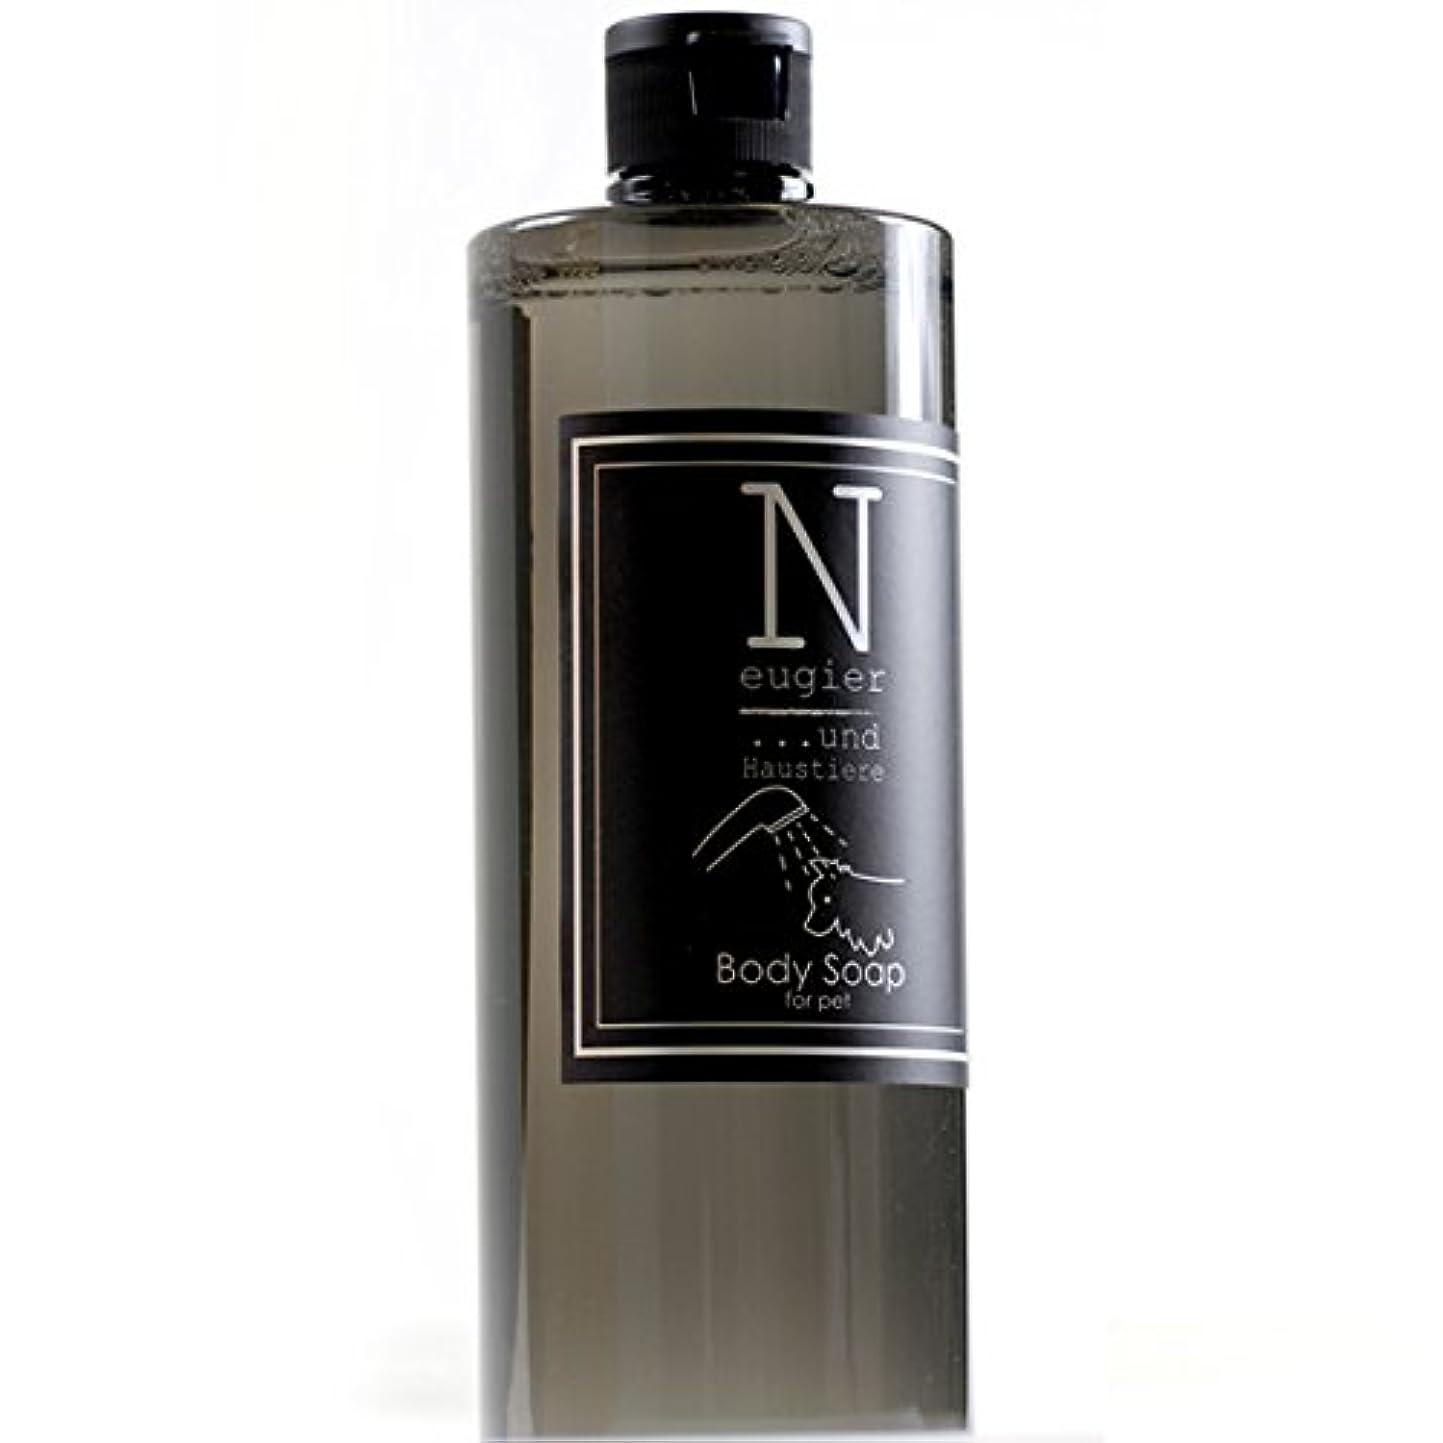 定規鏡豚肉Neugier ケアシリーズ body Soap (ボディーソープ/ペットシャンプー) (500)